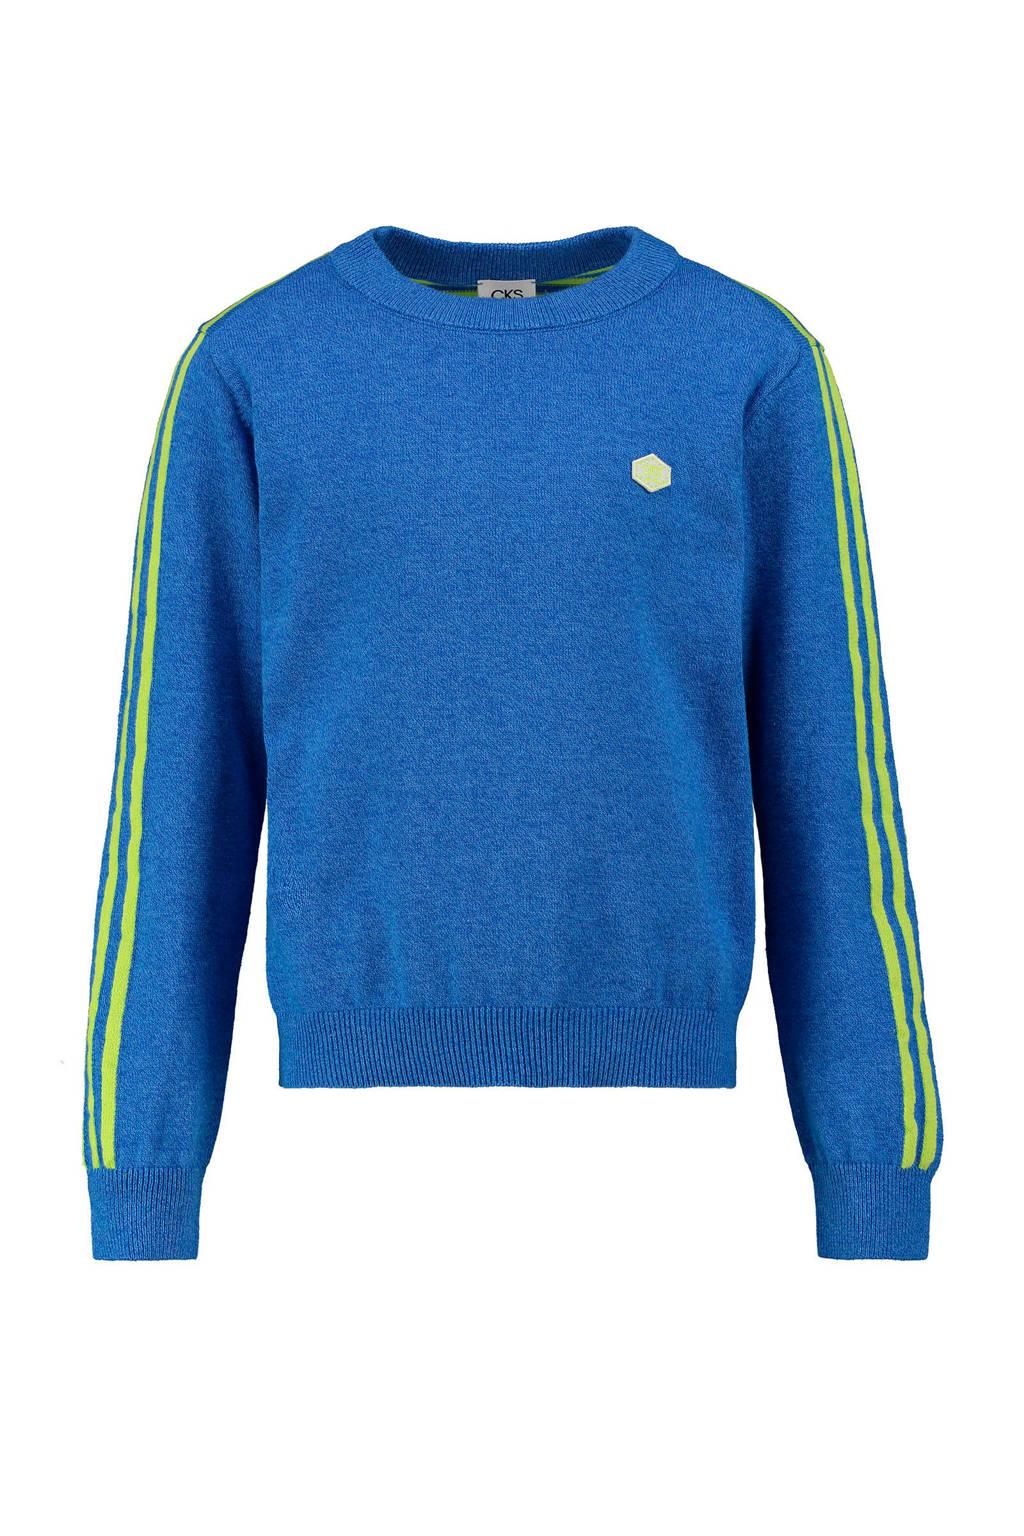 CKS KIDS gestreepte sweater Blexis blauw/groen, Blauw/groen